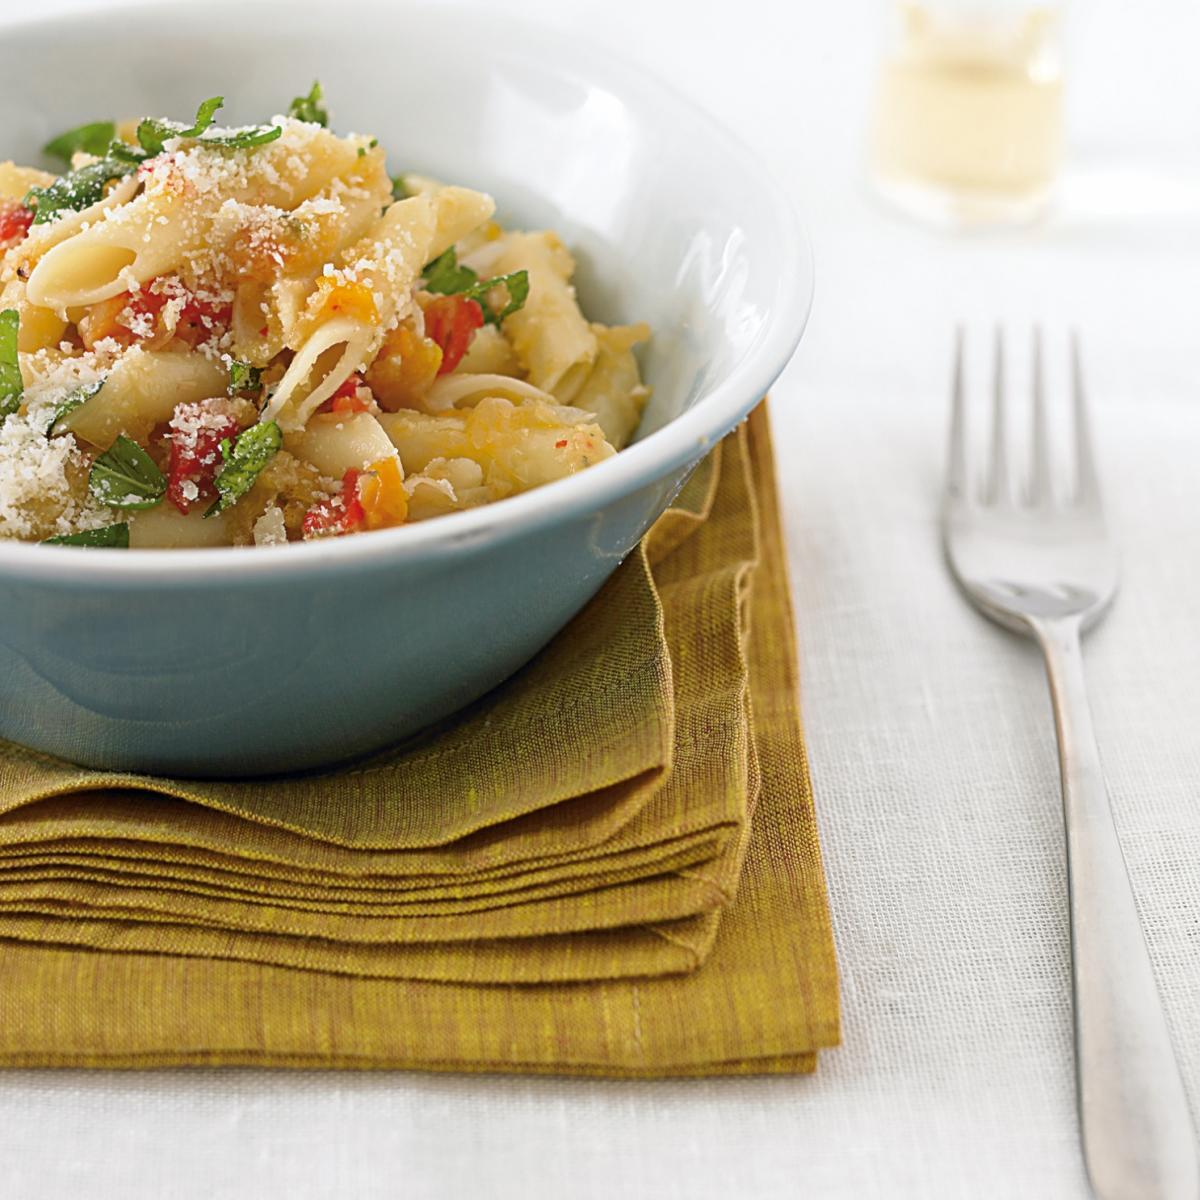 A picture of Delia's Very Garlicky Chilli Pasta recipe